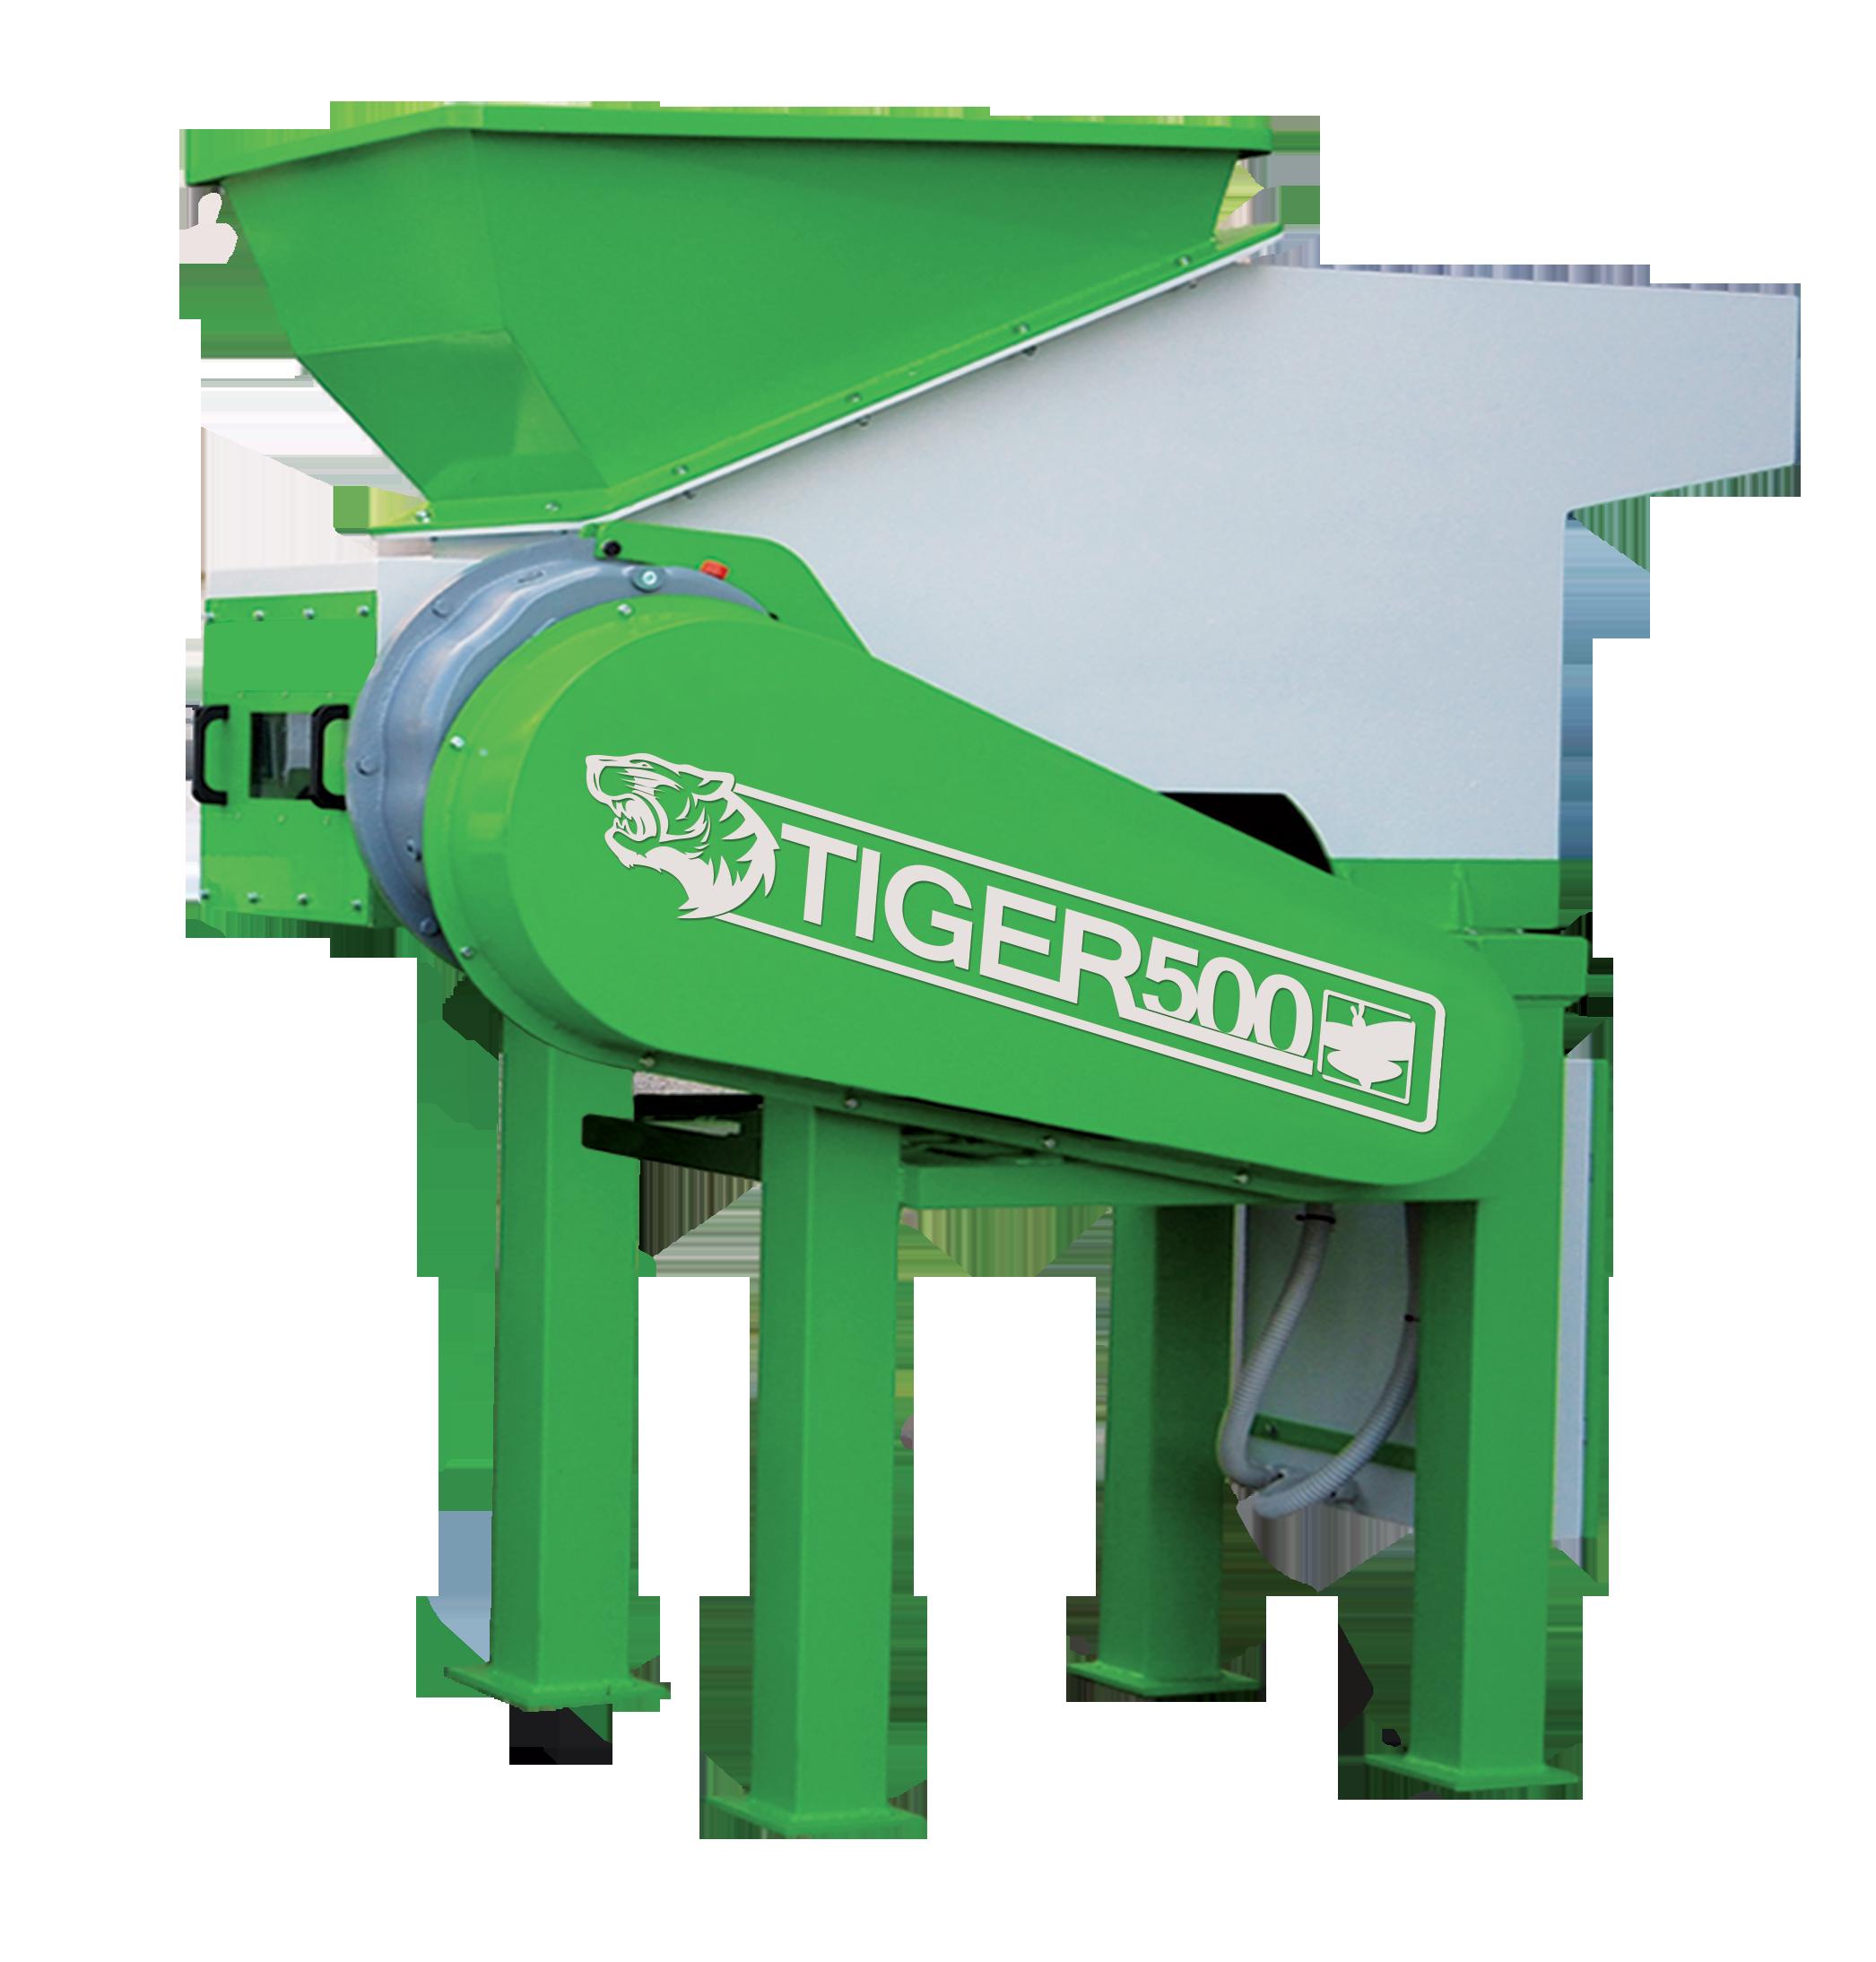 TIGER 500